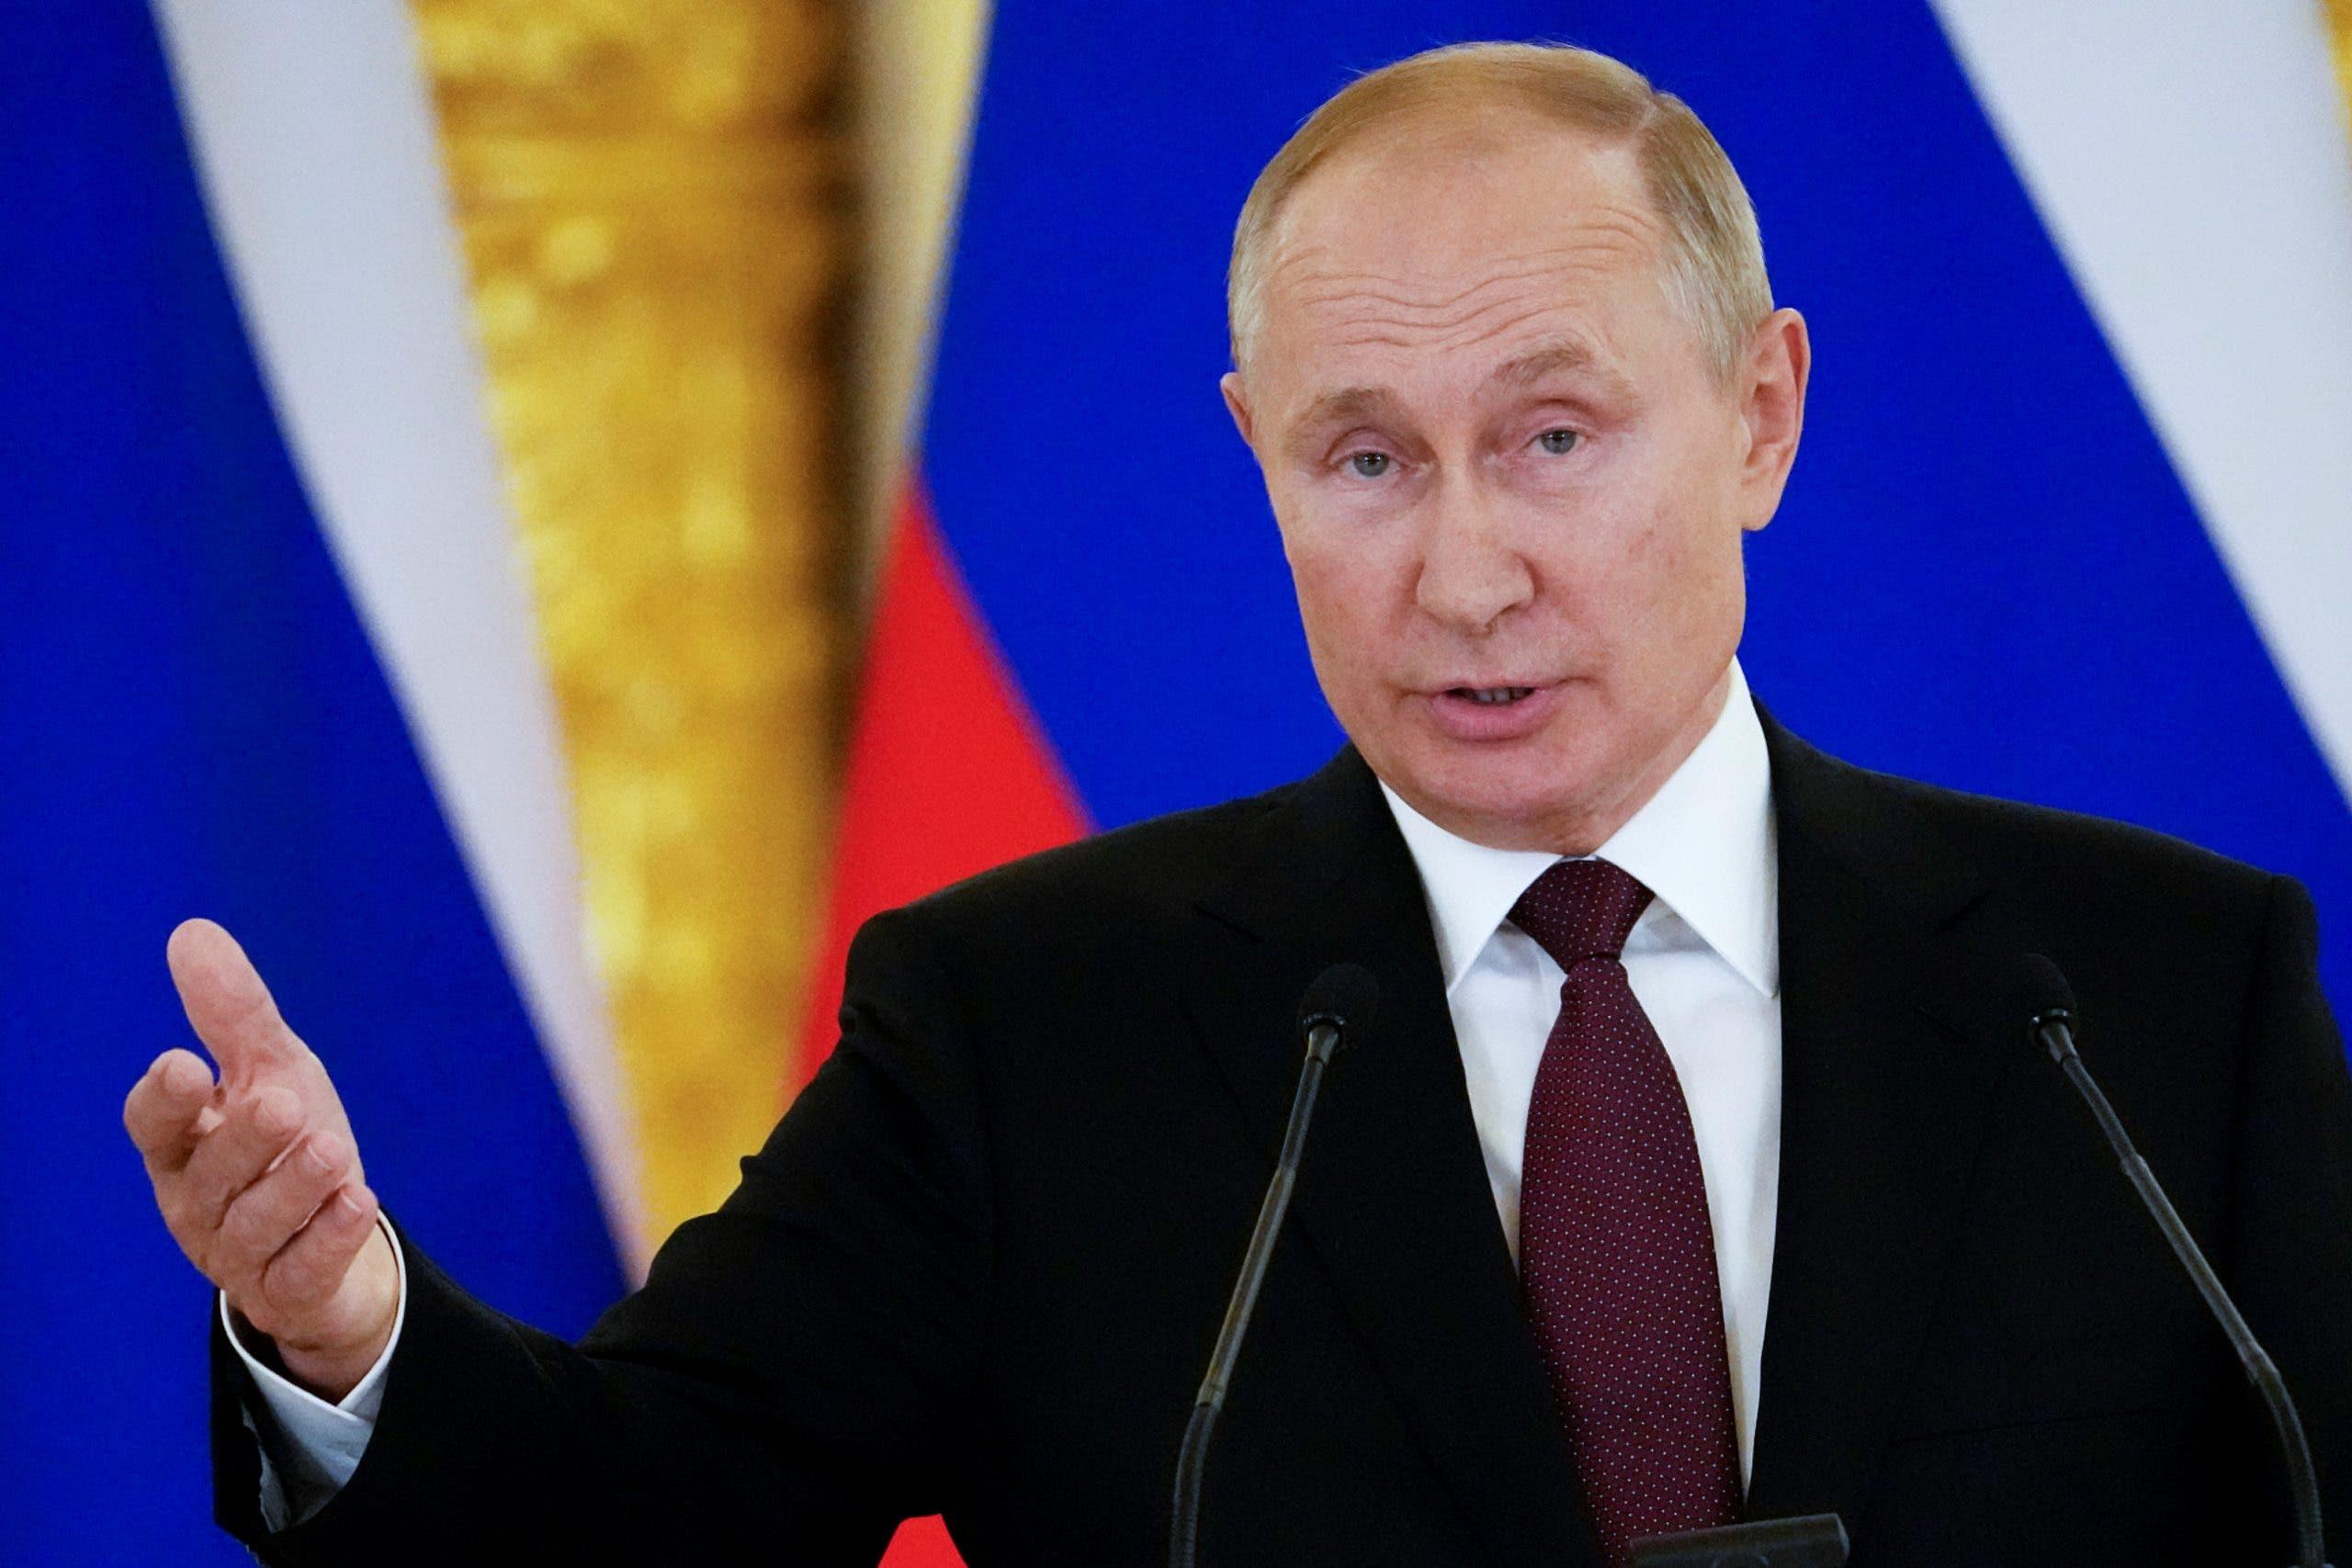 Madaxweyne Vladimir Putin oo diiday qorshaha Reer Galbeedka ee Afghanistan